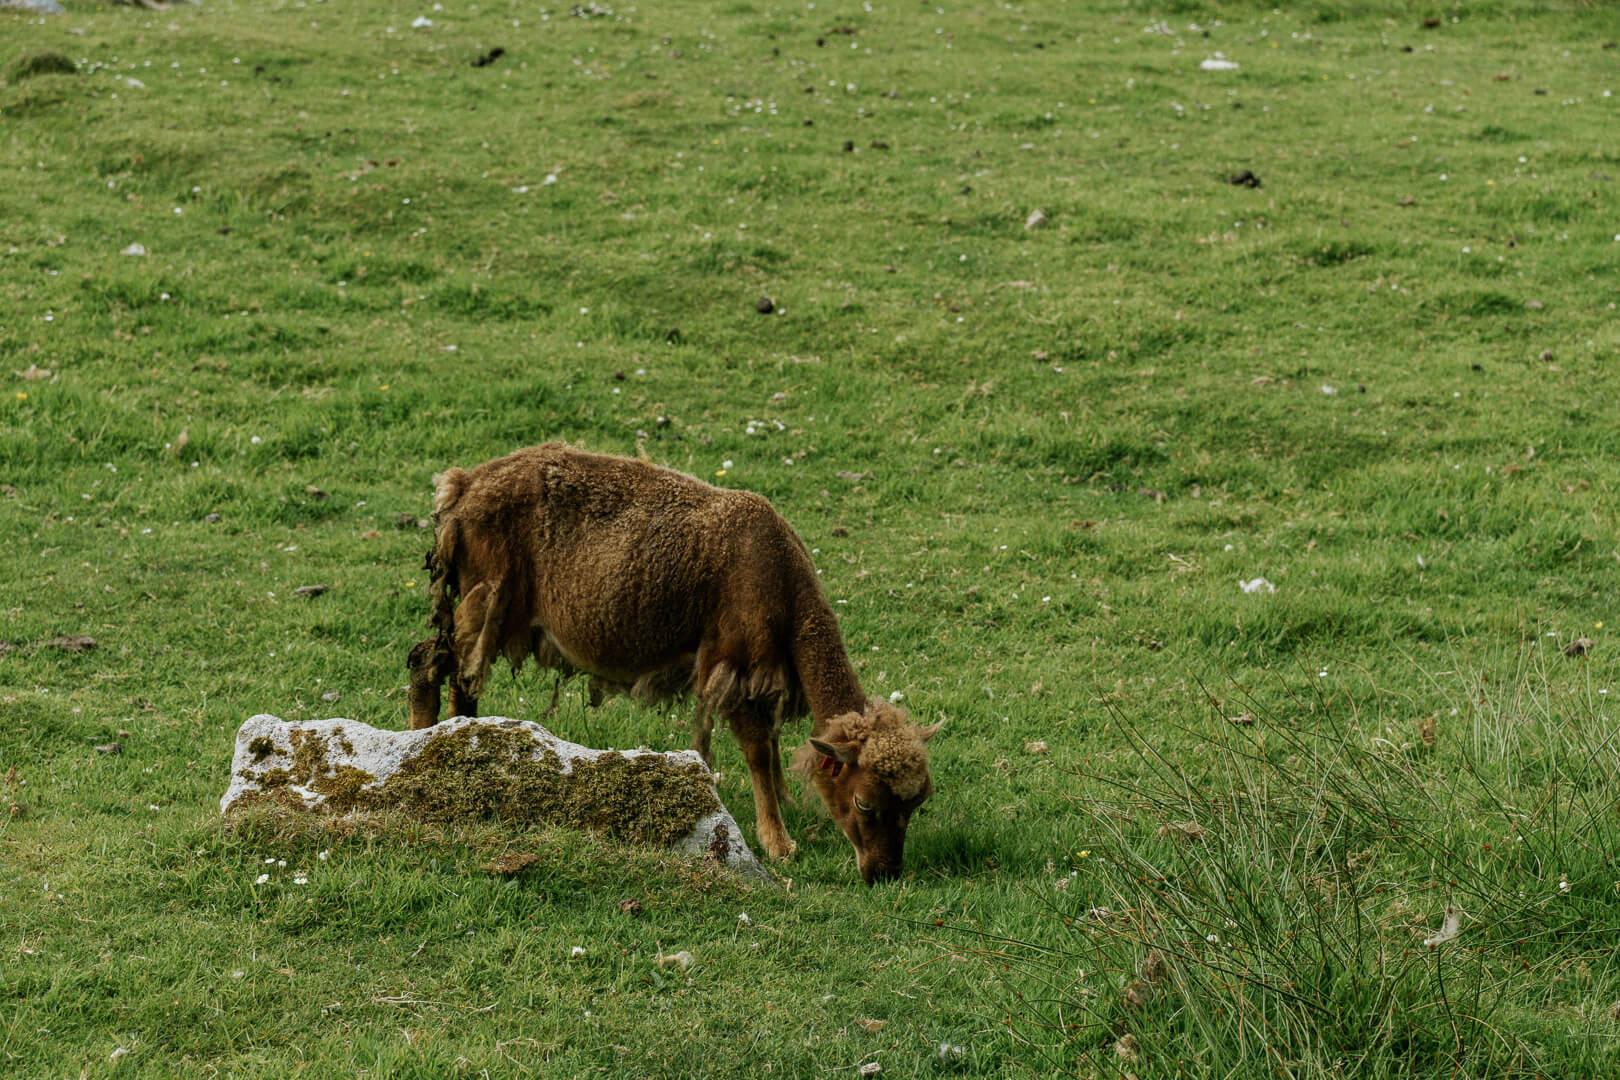 St Kilda Sheep